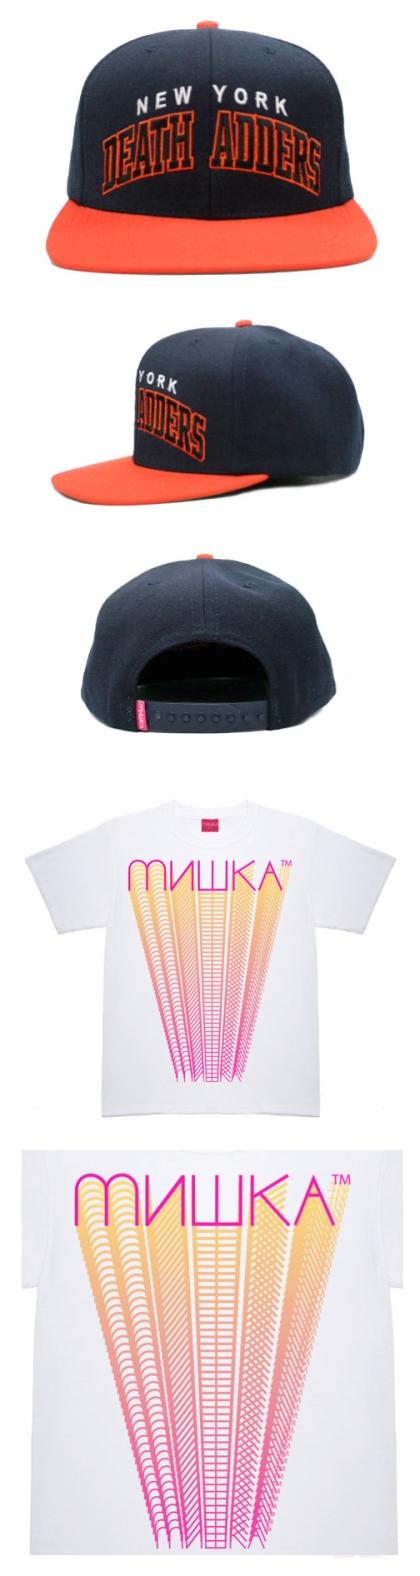 mishka-sp092-2